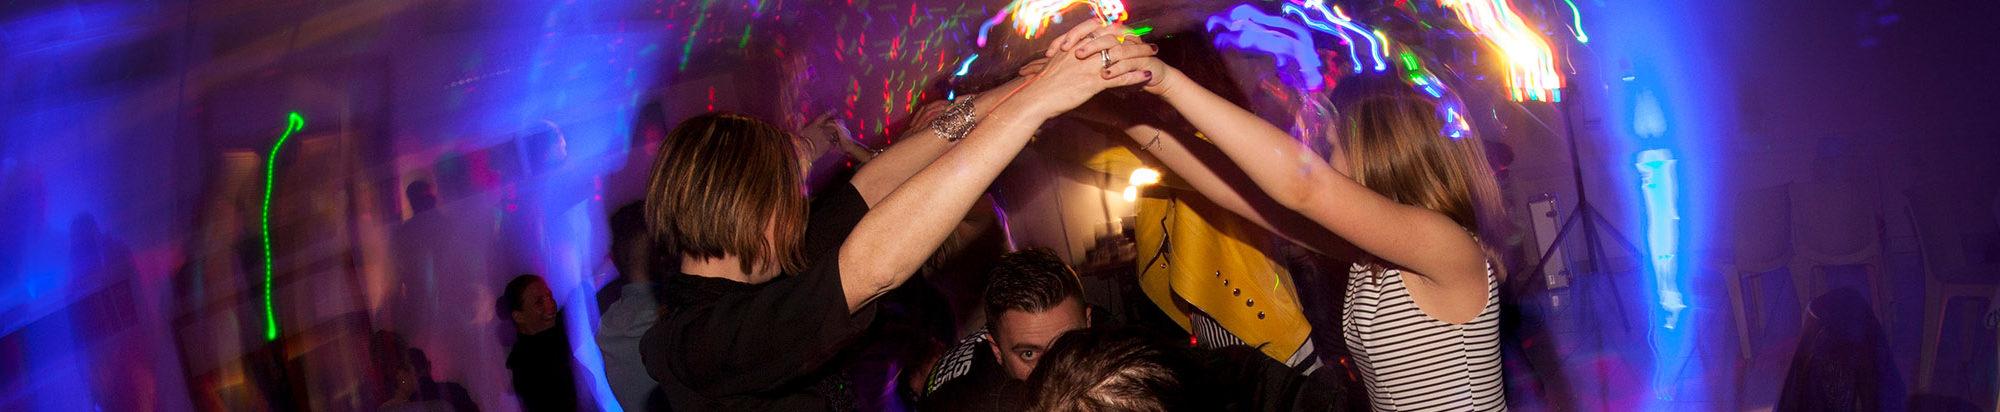 danseurs sur le dancefloor